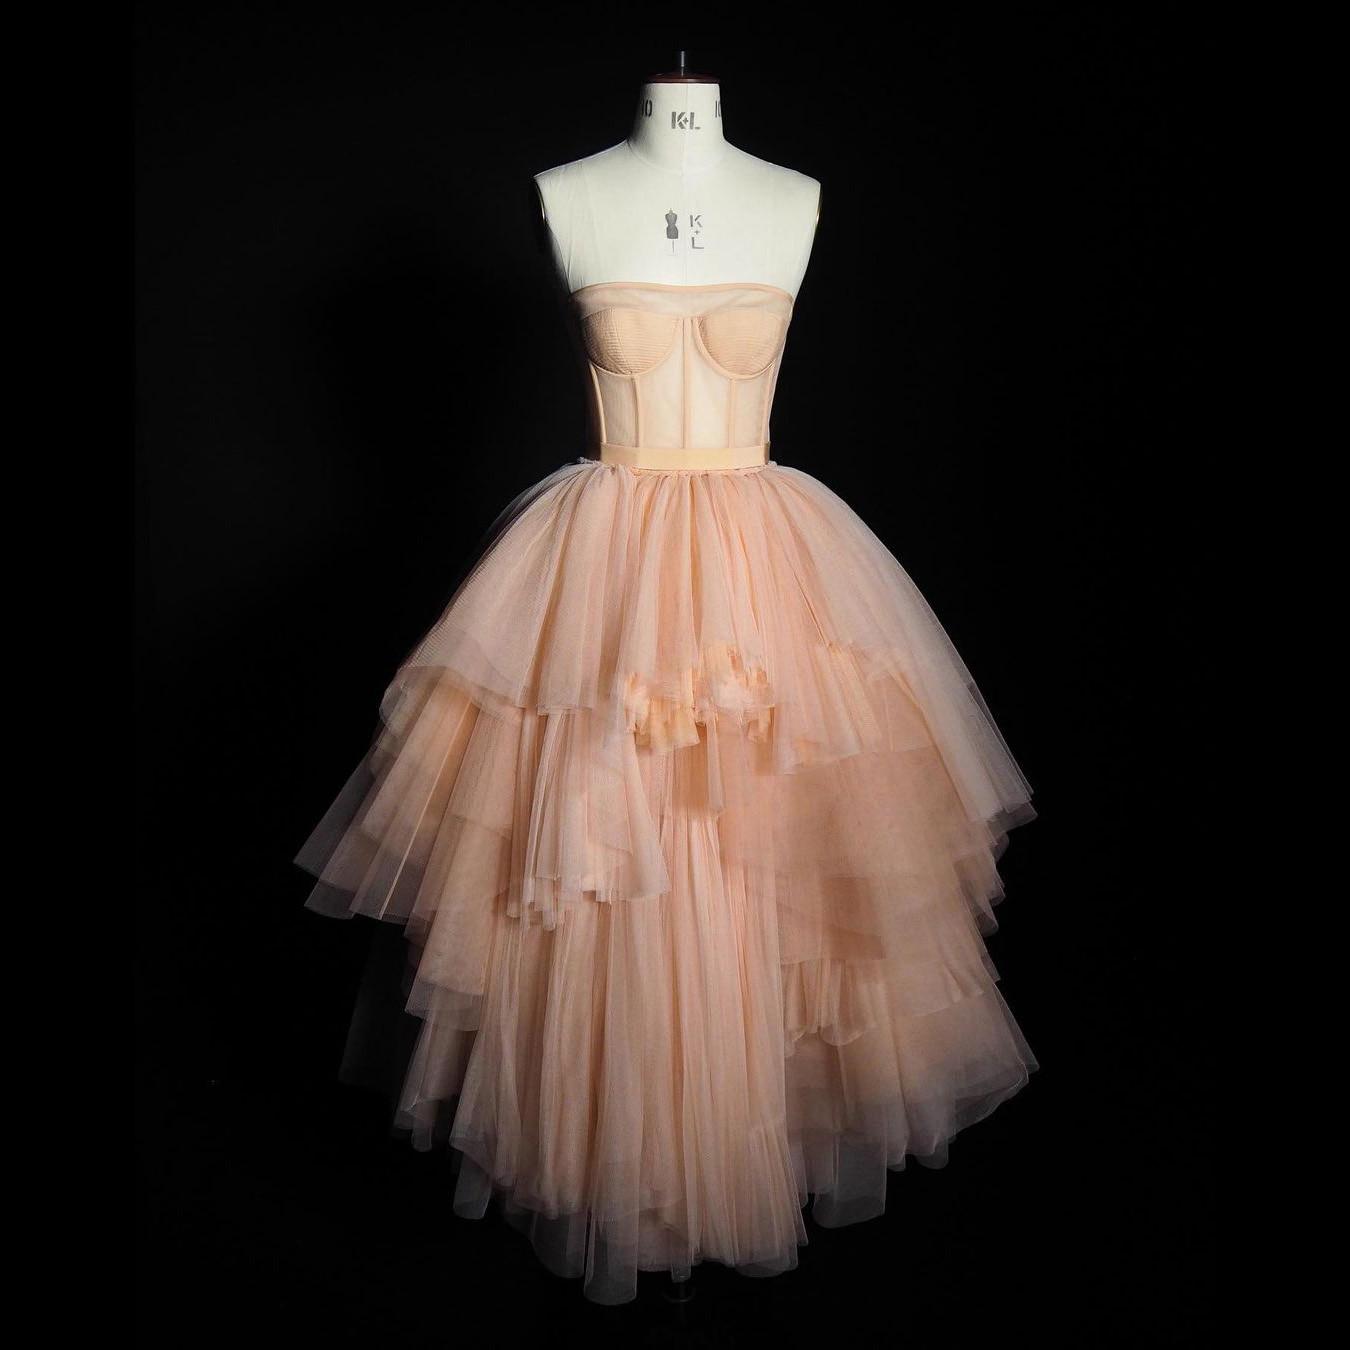 فستان من قماش التول من MistyRose فستان منفوش ذو طبقات بدون حمالات فستان أنيق طويل رسمي للحفلات باللون الوردي للنساء في شارع العليا